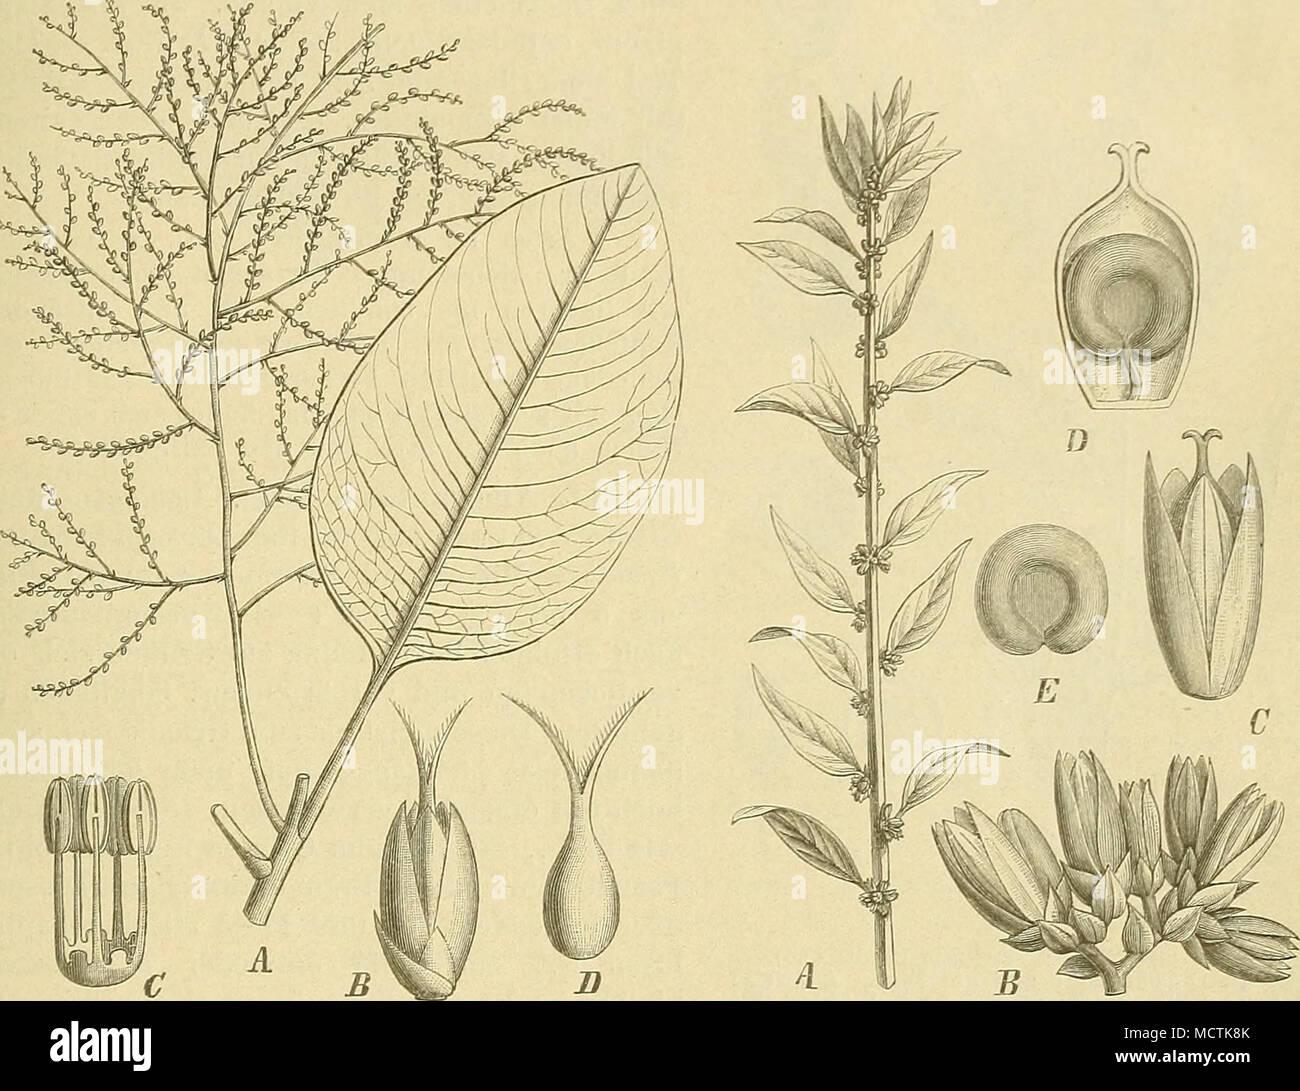 . Fig. 52. Charpentiera obovata Gaud. A Zweig; B Bl.; C Stb.; D Frkn. (Jfacli Gaudichaud.) Fig. 53. Banaliathyrsiflora(SRaX.)'Ho(i^. ^ Zweig; B Blutenstand; CBl.; D Längsschnitt durch, den Frkn.; E S. (Nach Senbert,) 8. Banalia Moq. B. der Blh. länglich, spitzlich, aufrecht, strohgelb und trocken. Stf. unterwärts zu einem Becher verwachsen, ohne sterile Zipfel. Frkn. eiförmig, mit mehr oder minder langem Gr. und 2—3 allseitig papillösen, pfriemlichen N. Fr. trocken- häutig, sich nicht öffnend. — Krautartige Pfl. mit gestielten, in eine Spitze ausgezogenen B. Bl. in achsel- oder endständigen,  - Stock Image